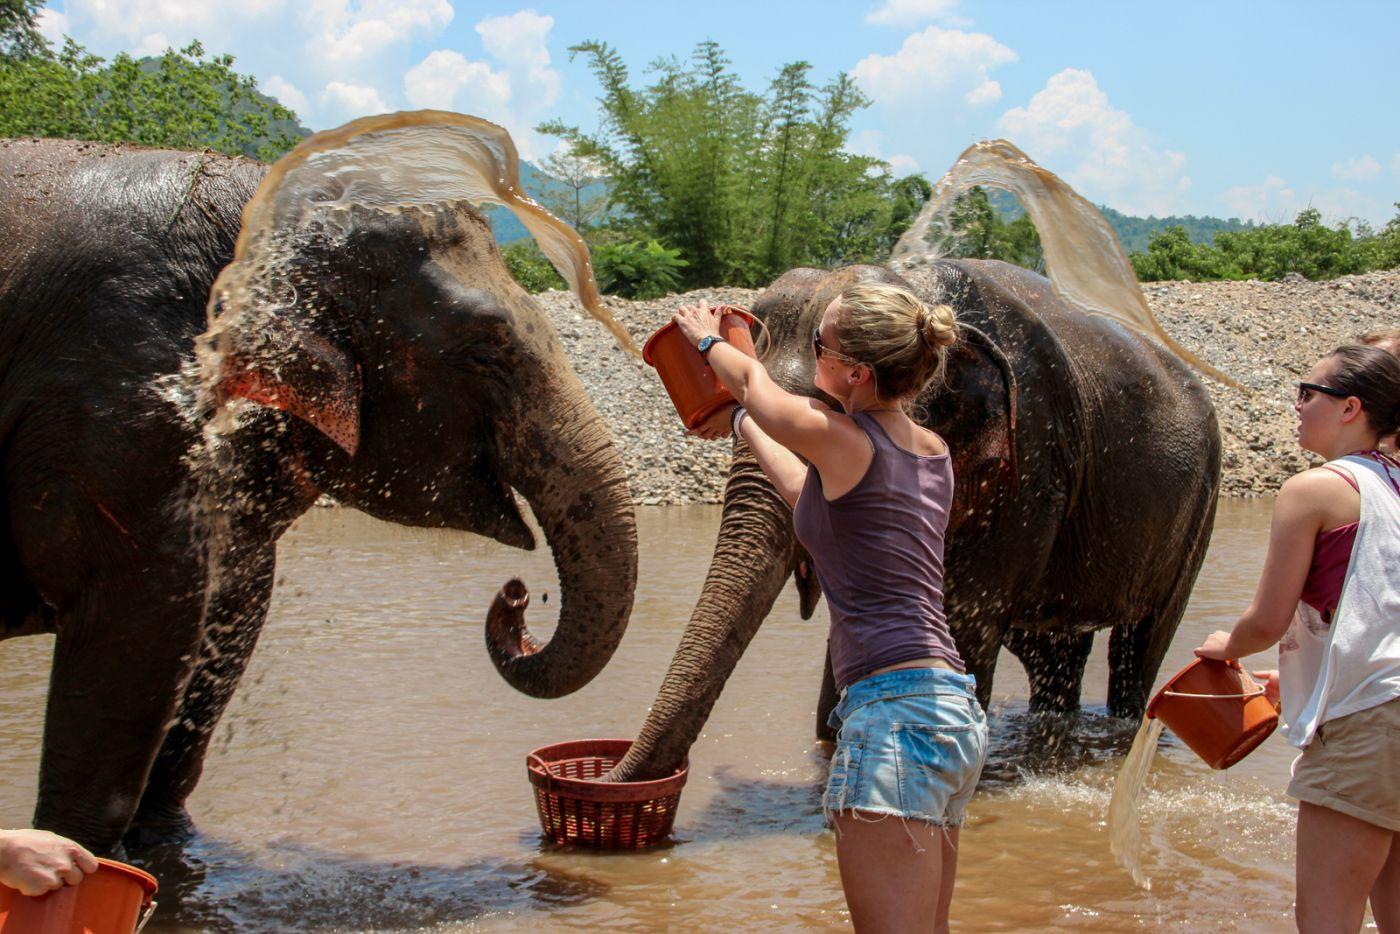 Mycie słoni w sanktuarium.